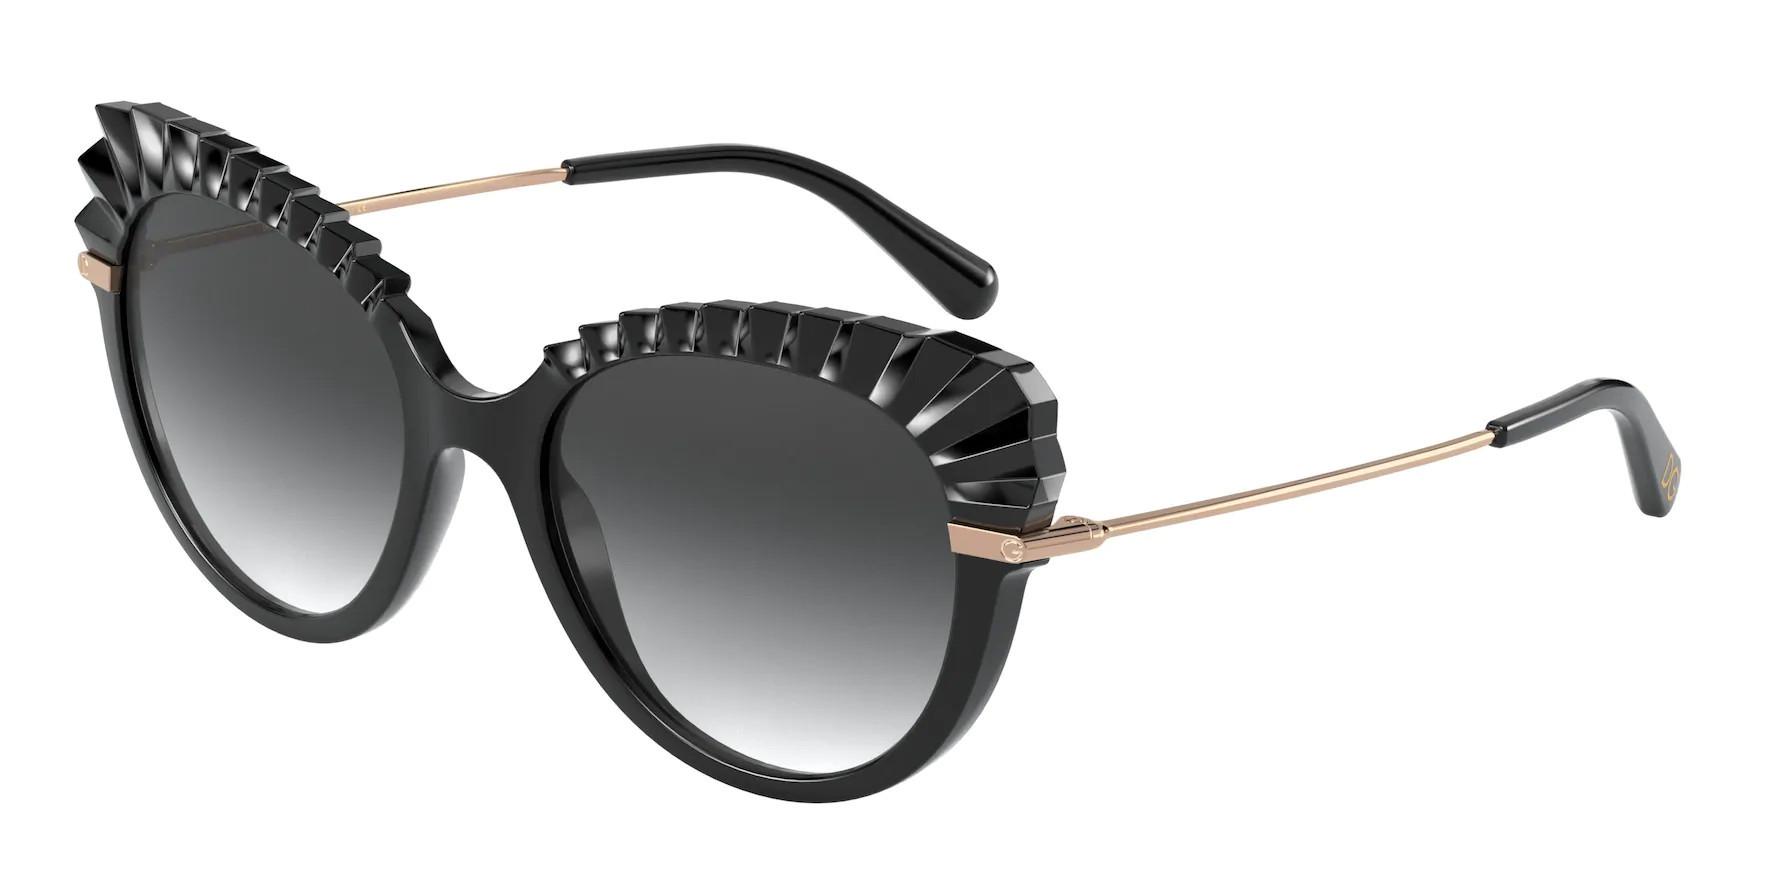 Dolce & Gabbana 6135